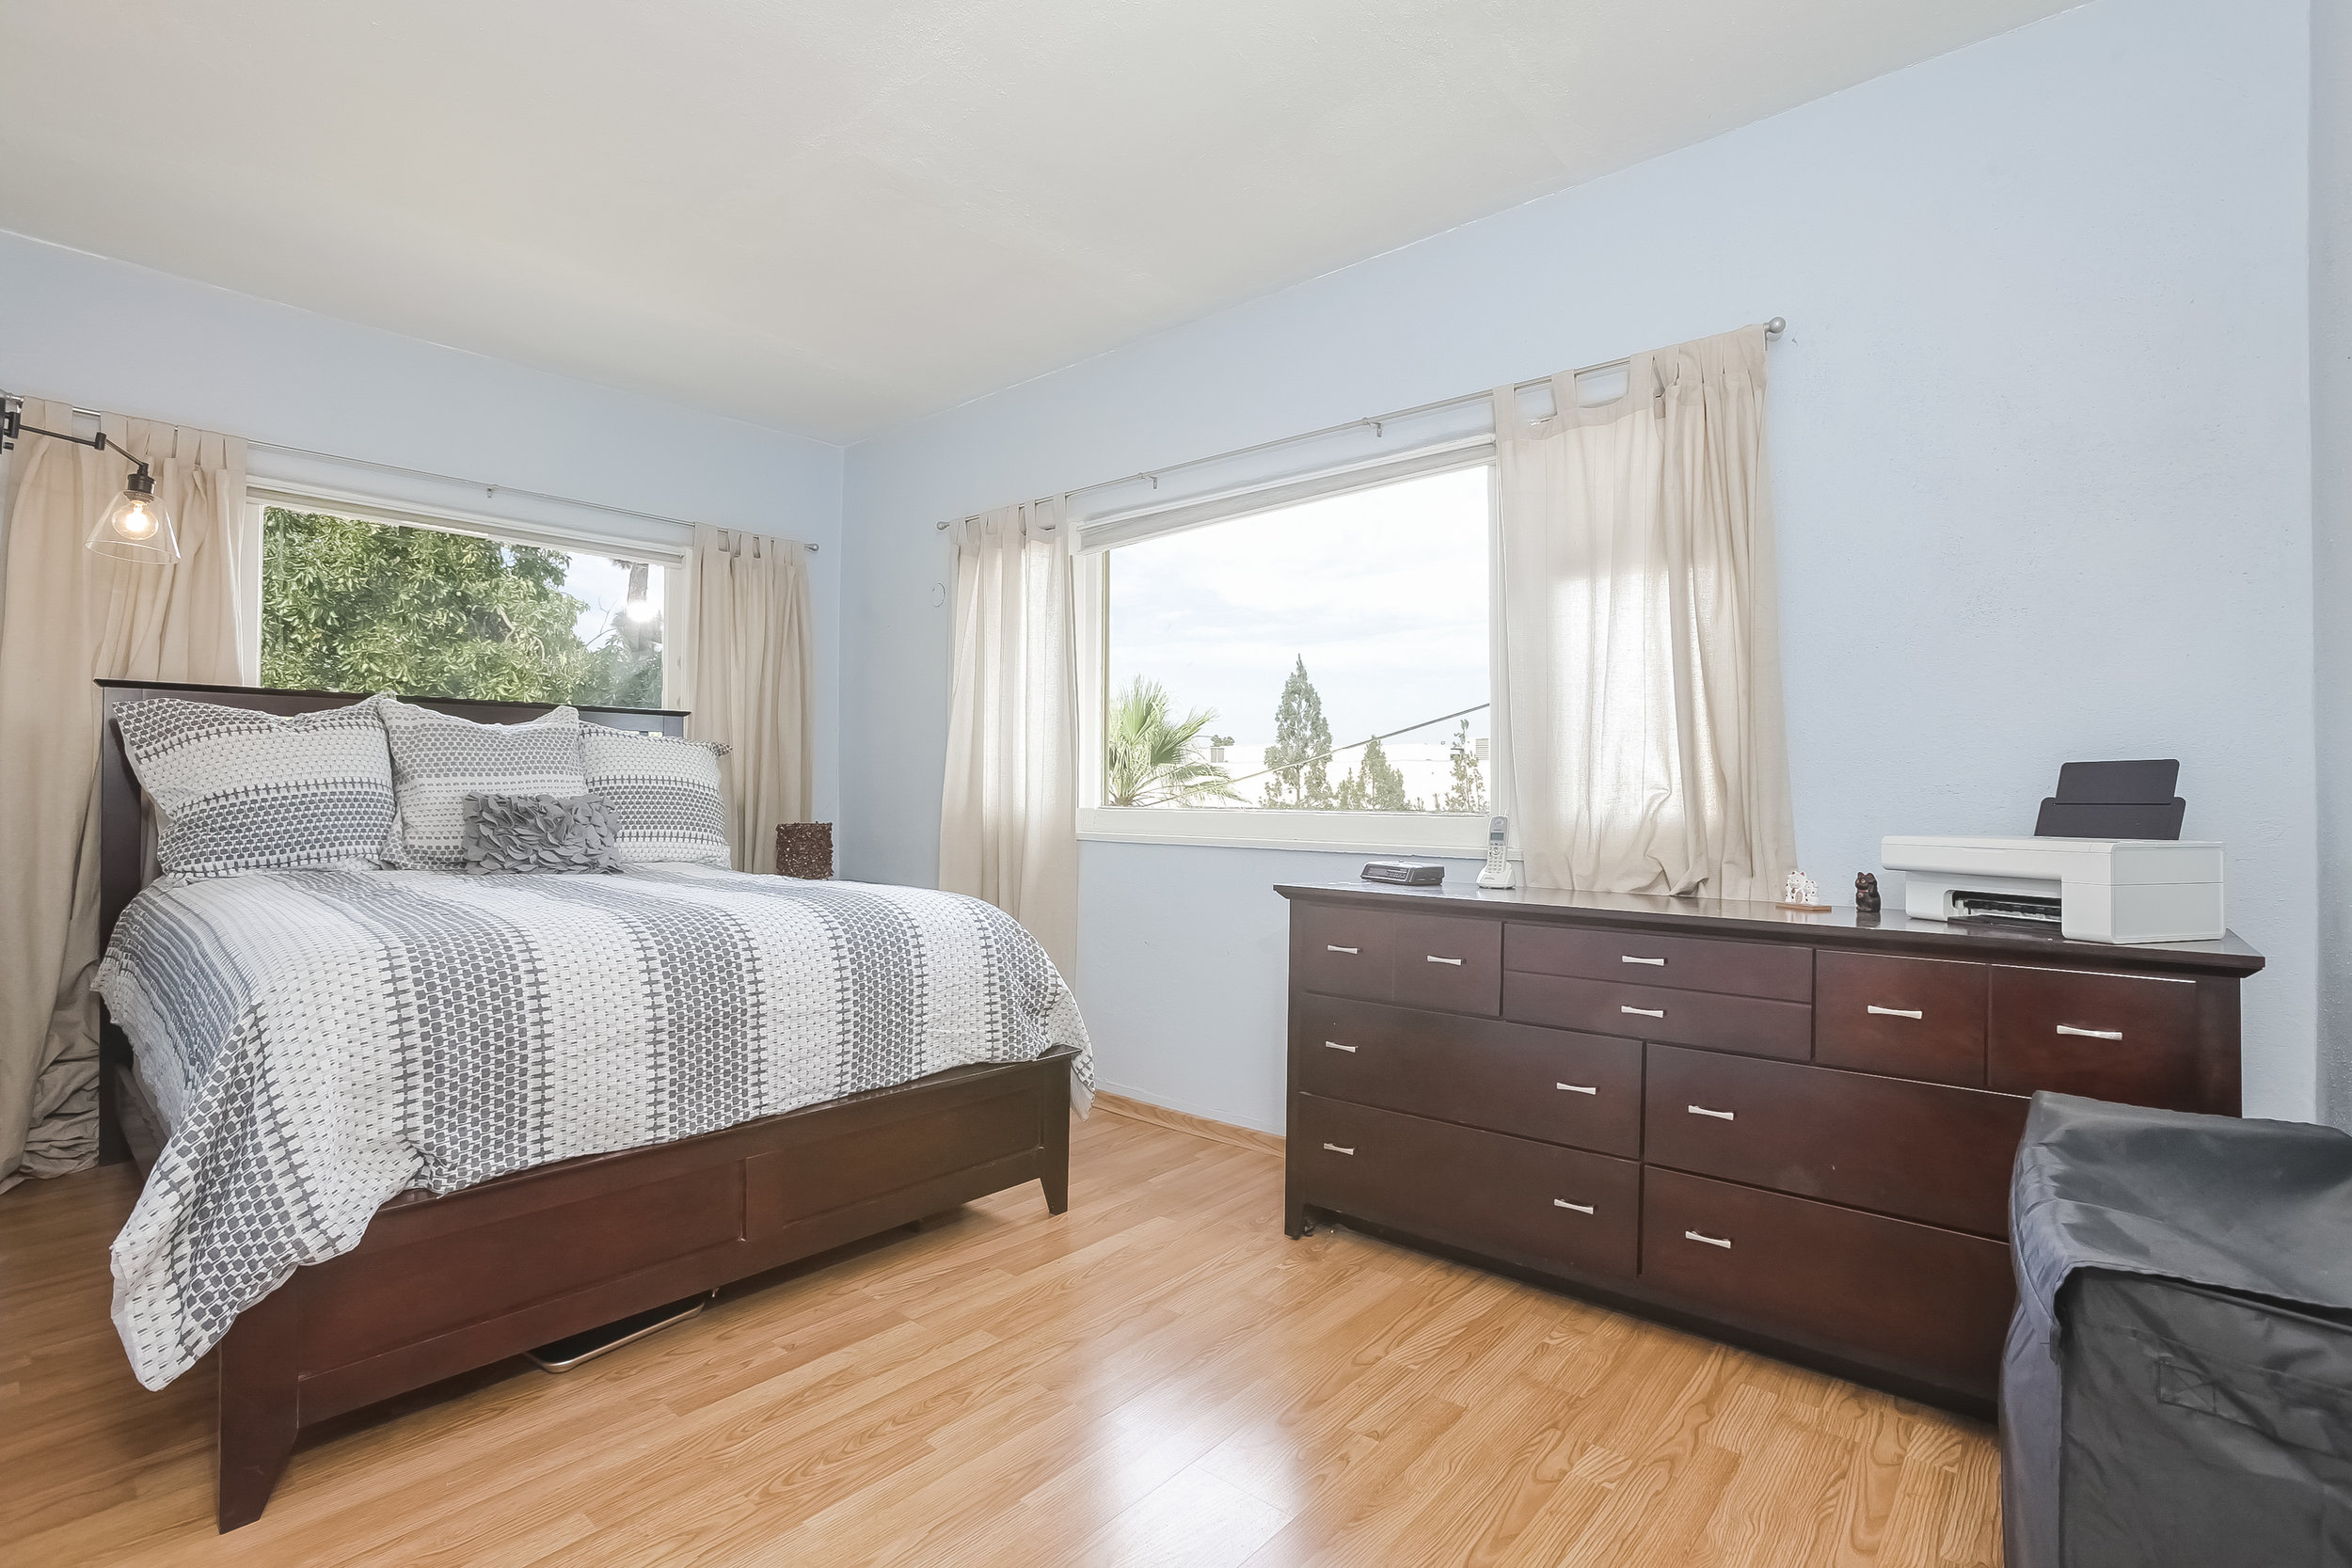 028-Bedroom-4517229-large.jpg